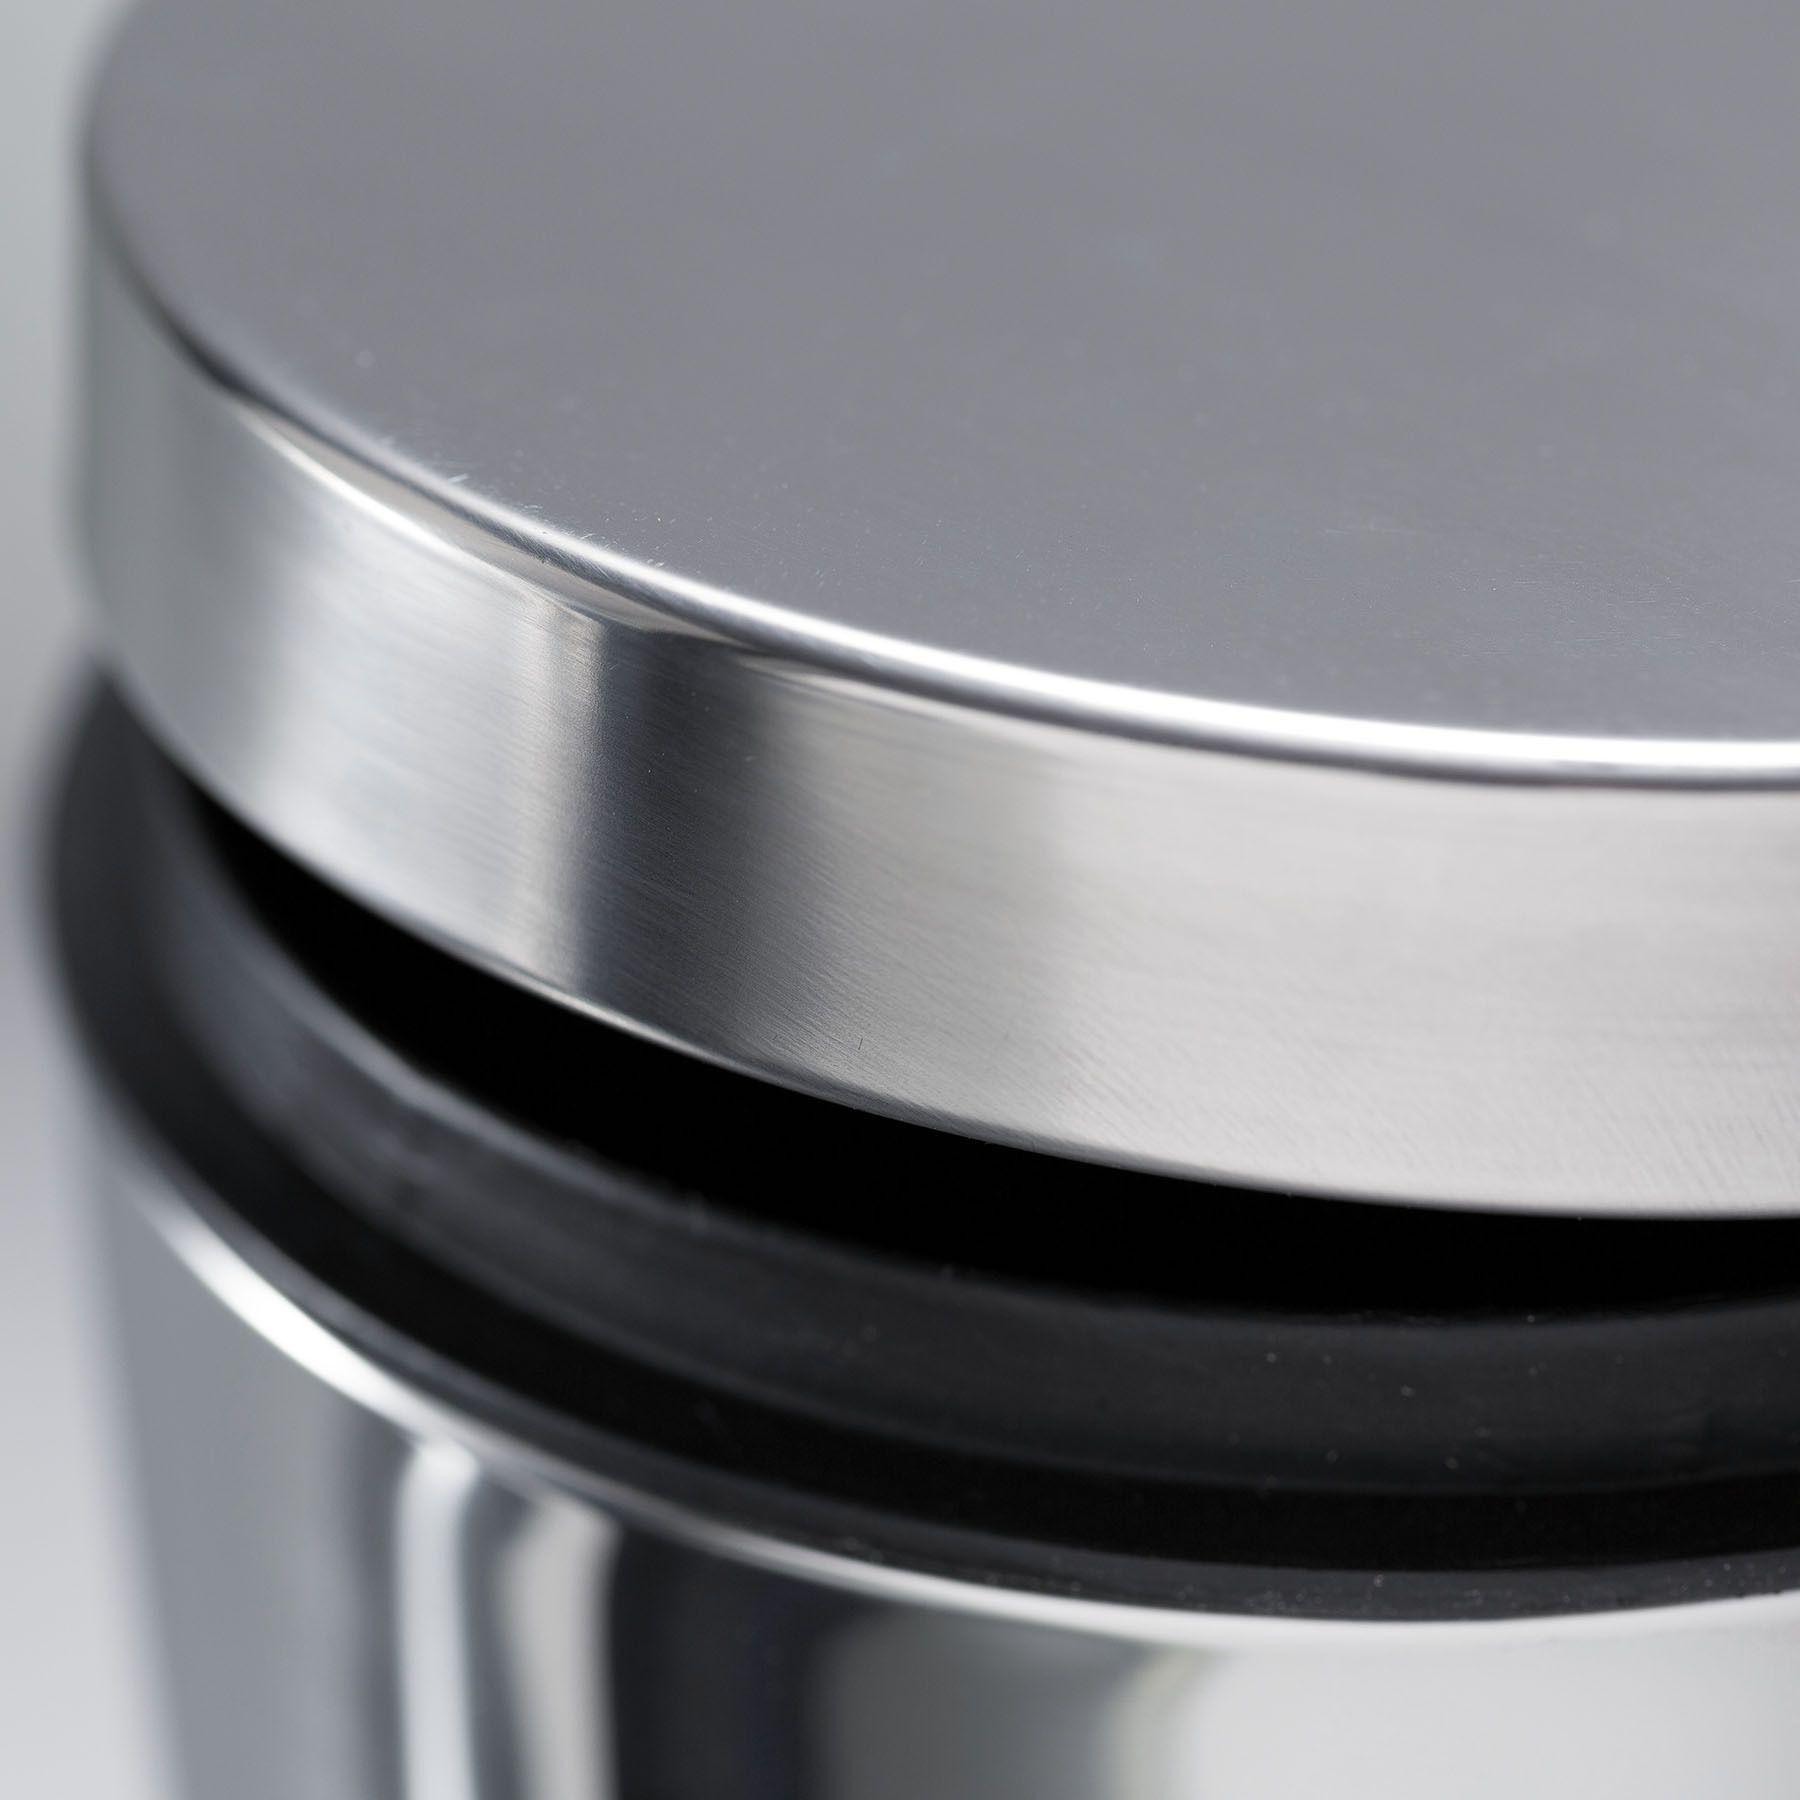 Lixeira Aço Inox 8 Litros com Tampa e Pedal - Cesto Interno Removivel - Dallare DL1326